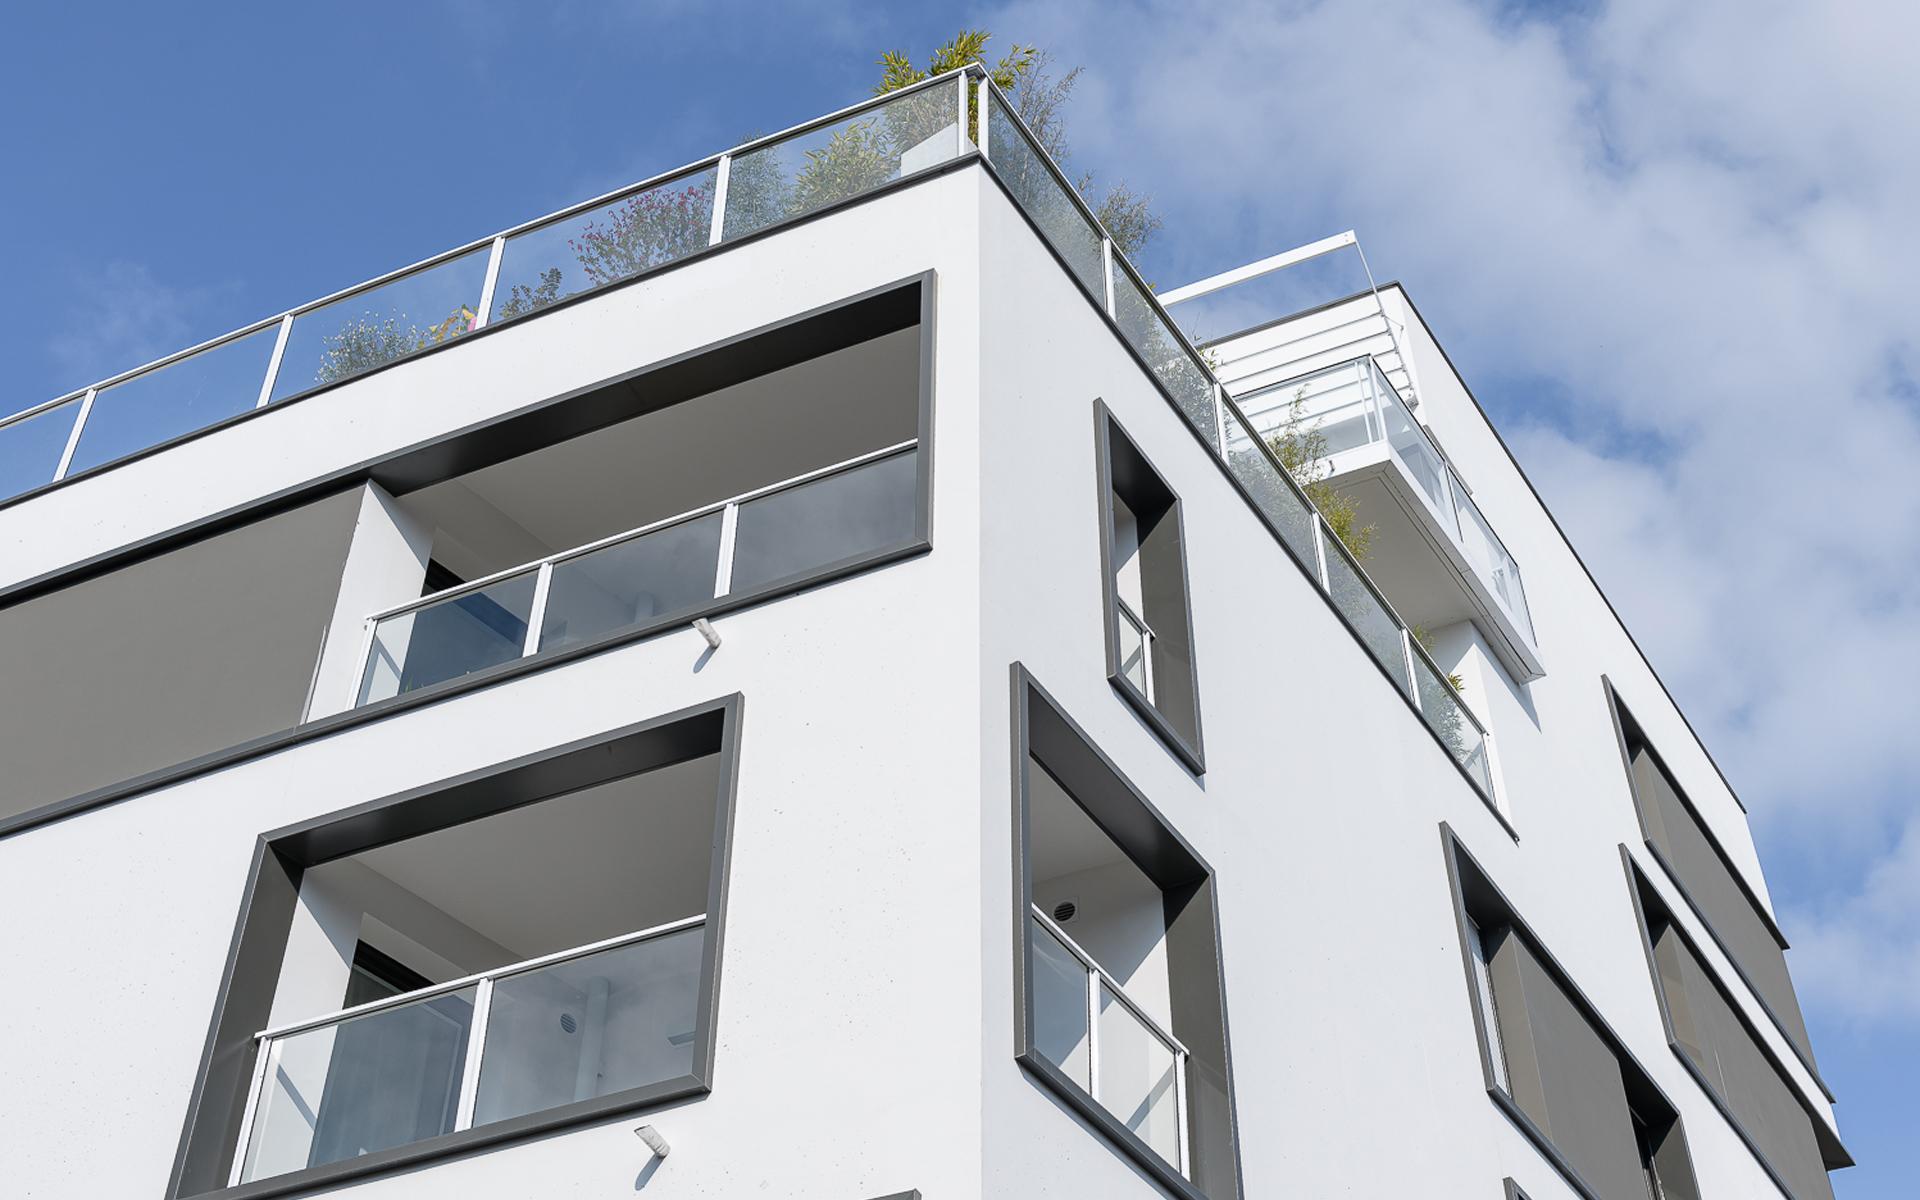 les-cadets-de-bretagne-07-rennes-architecture-bretagne-paumier-architectes-960×1200